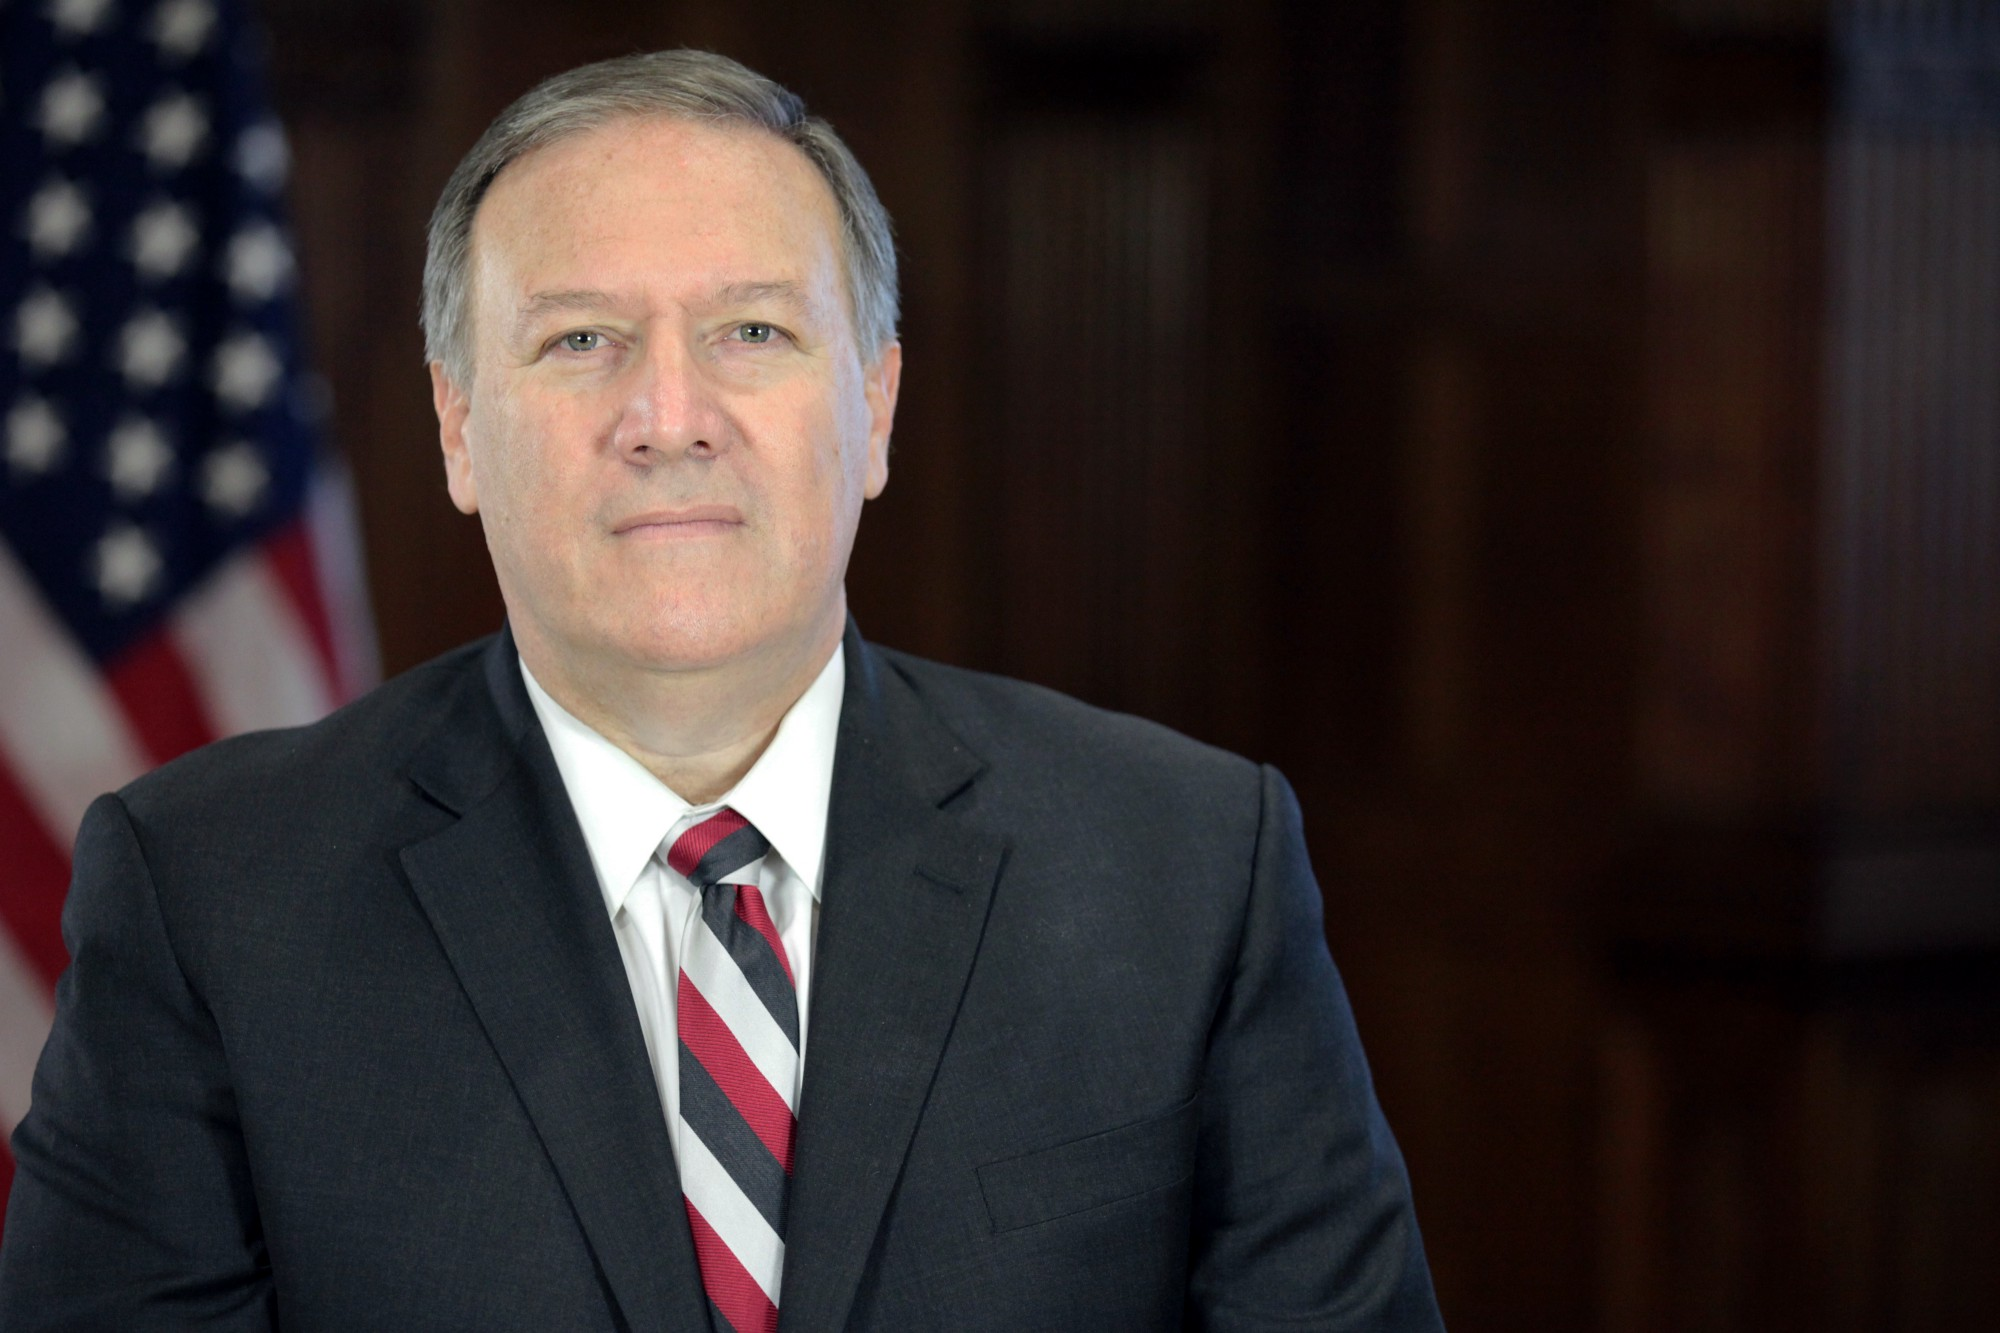 Oroszország áll az Amerika elleni kibertámadás mögött – állítja az amerikai külügyminiszter